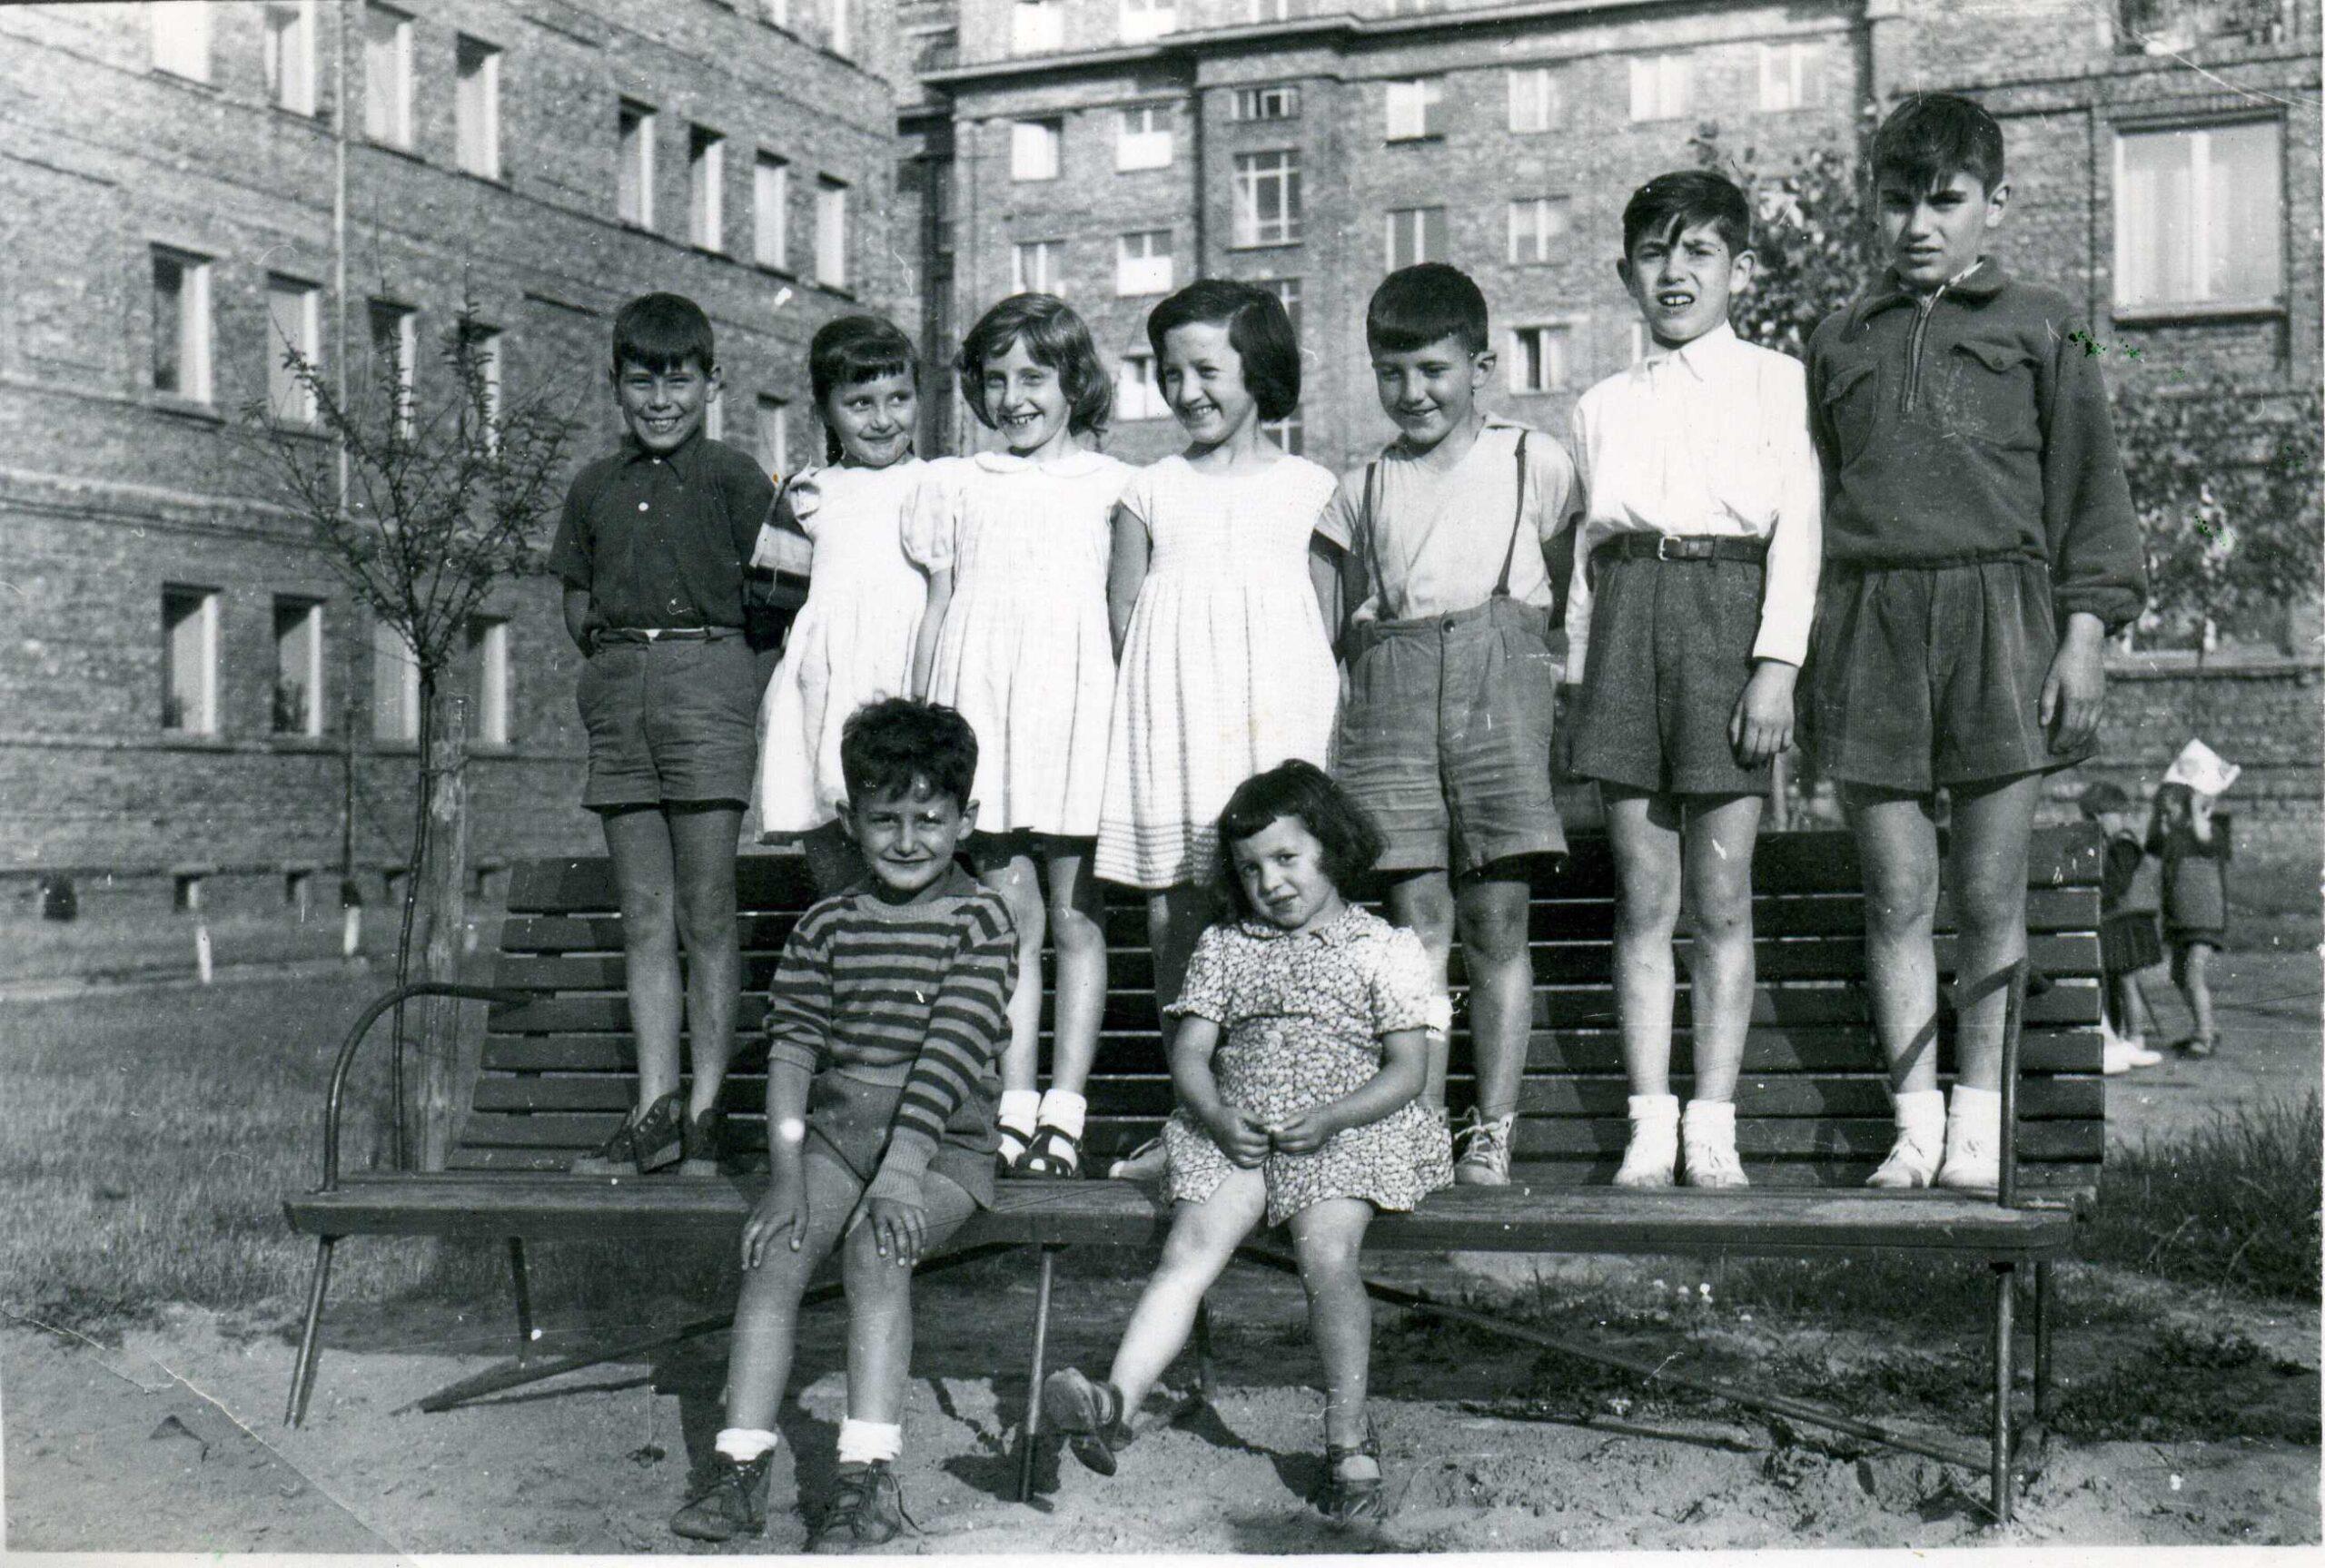 dwoje dzieci siedzi na ławce, siedmioro za nimi stoi, w tle kamienice